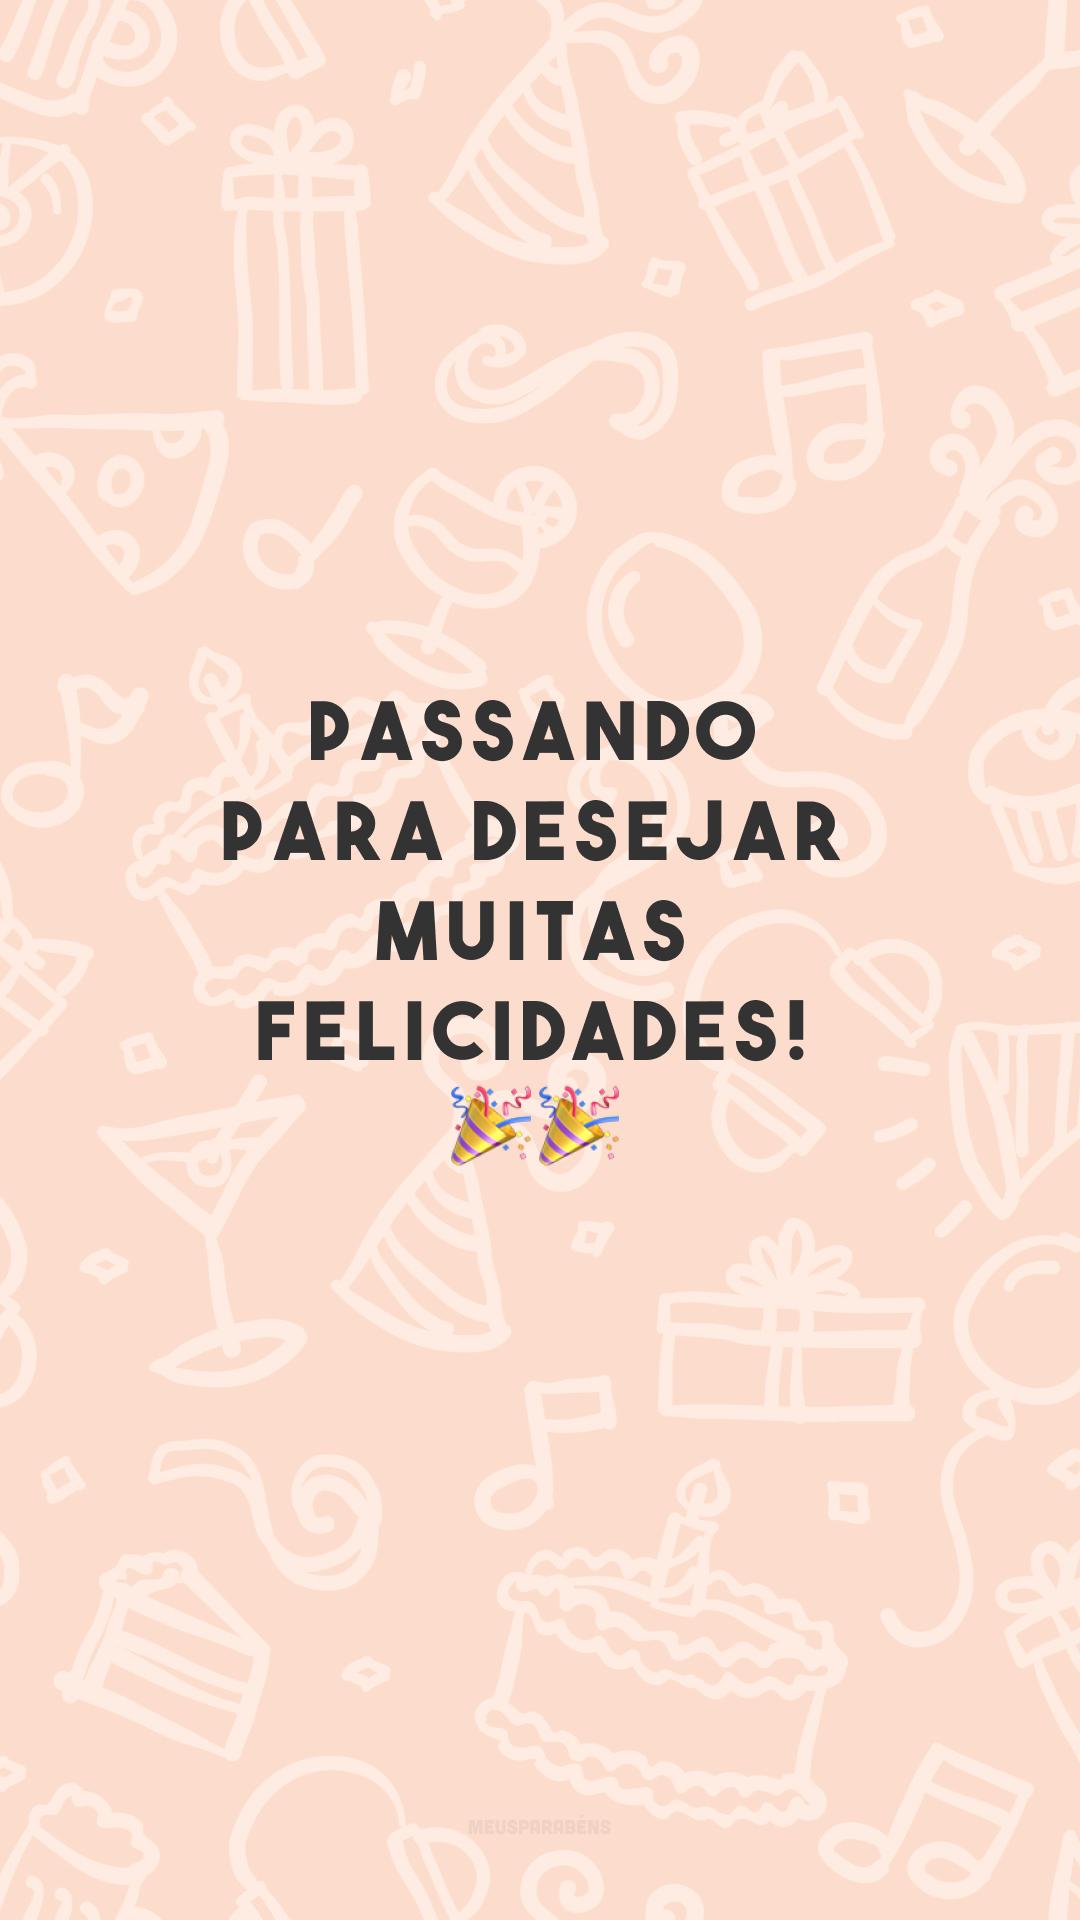 Passando para desejar muitas felicidades! 🎉🎉